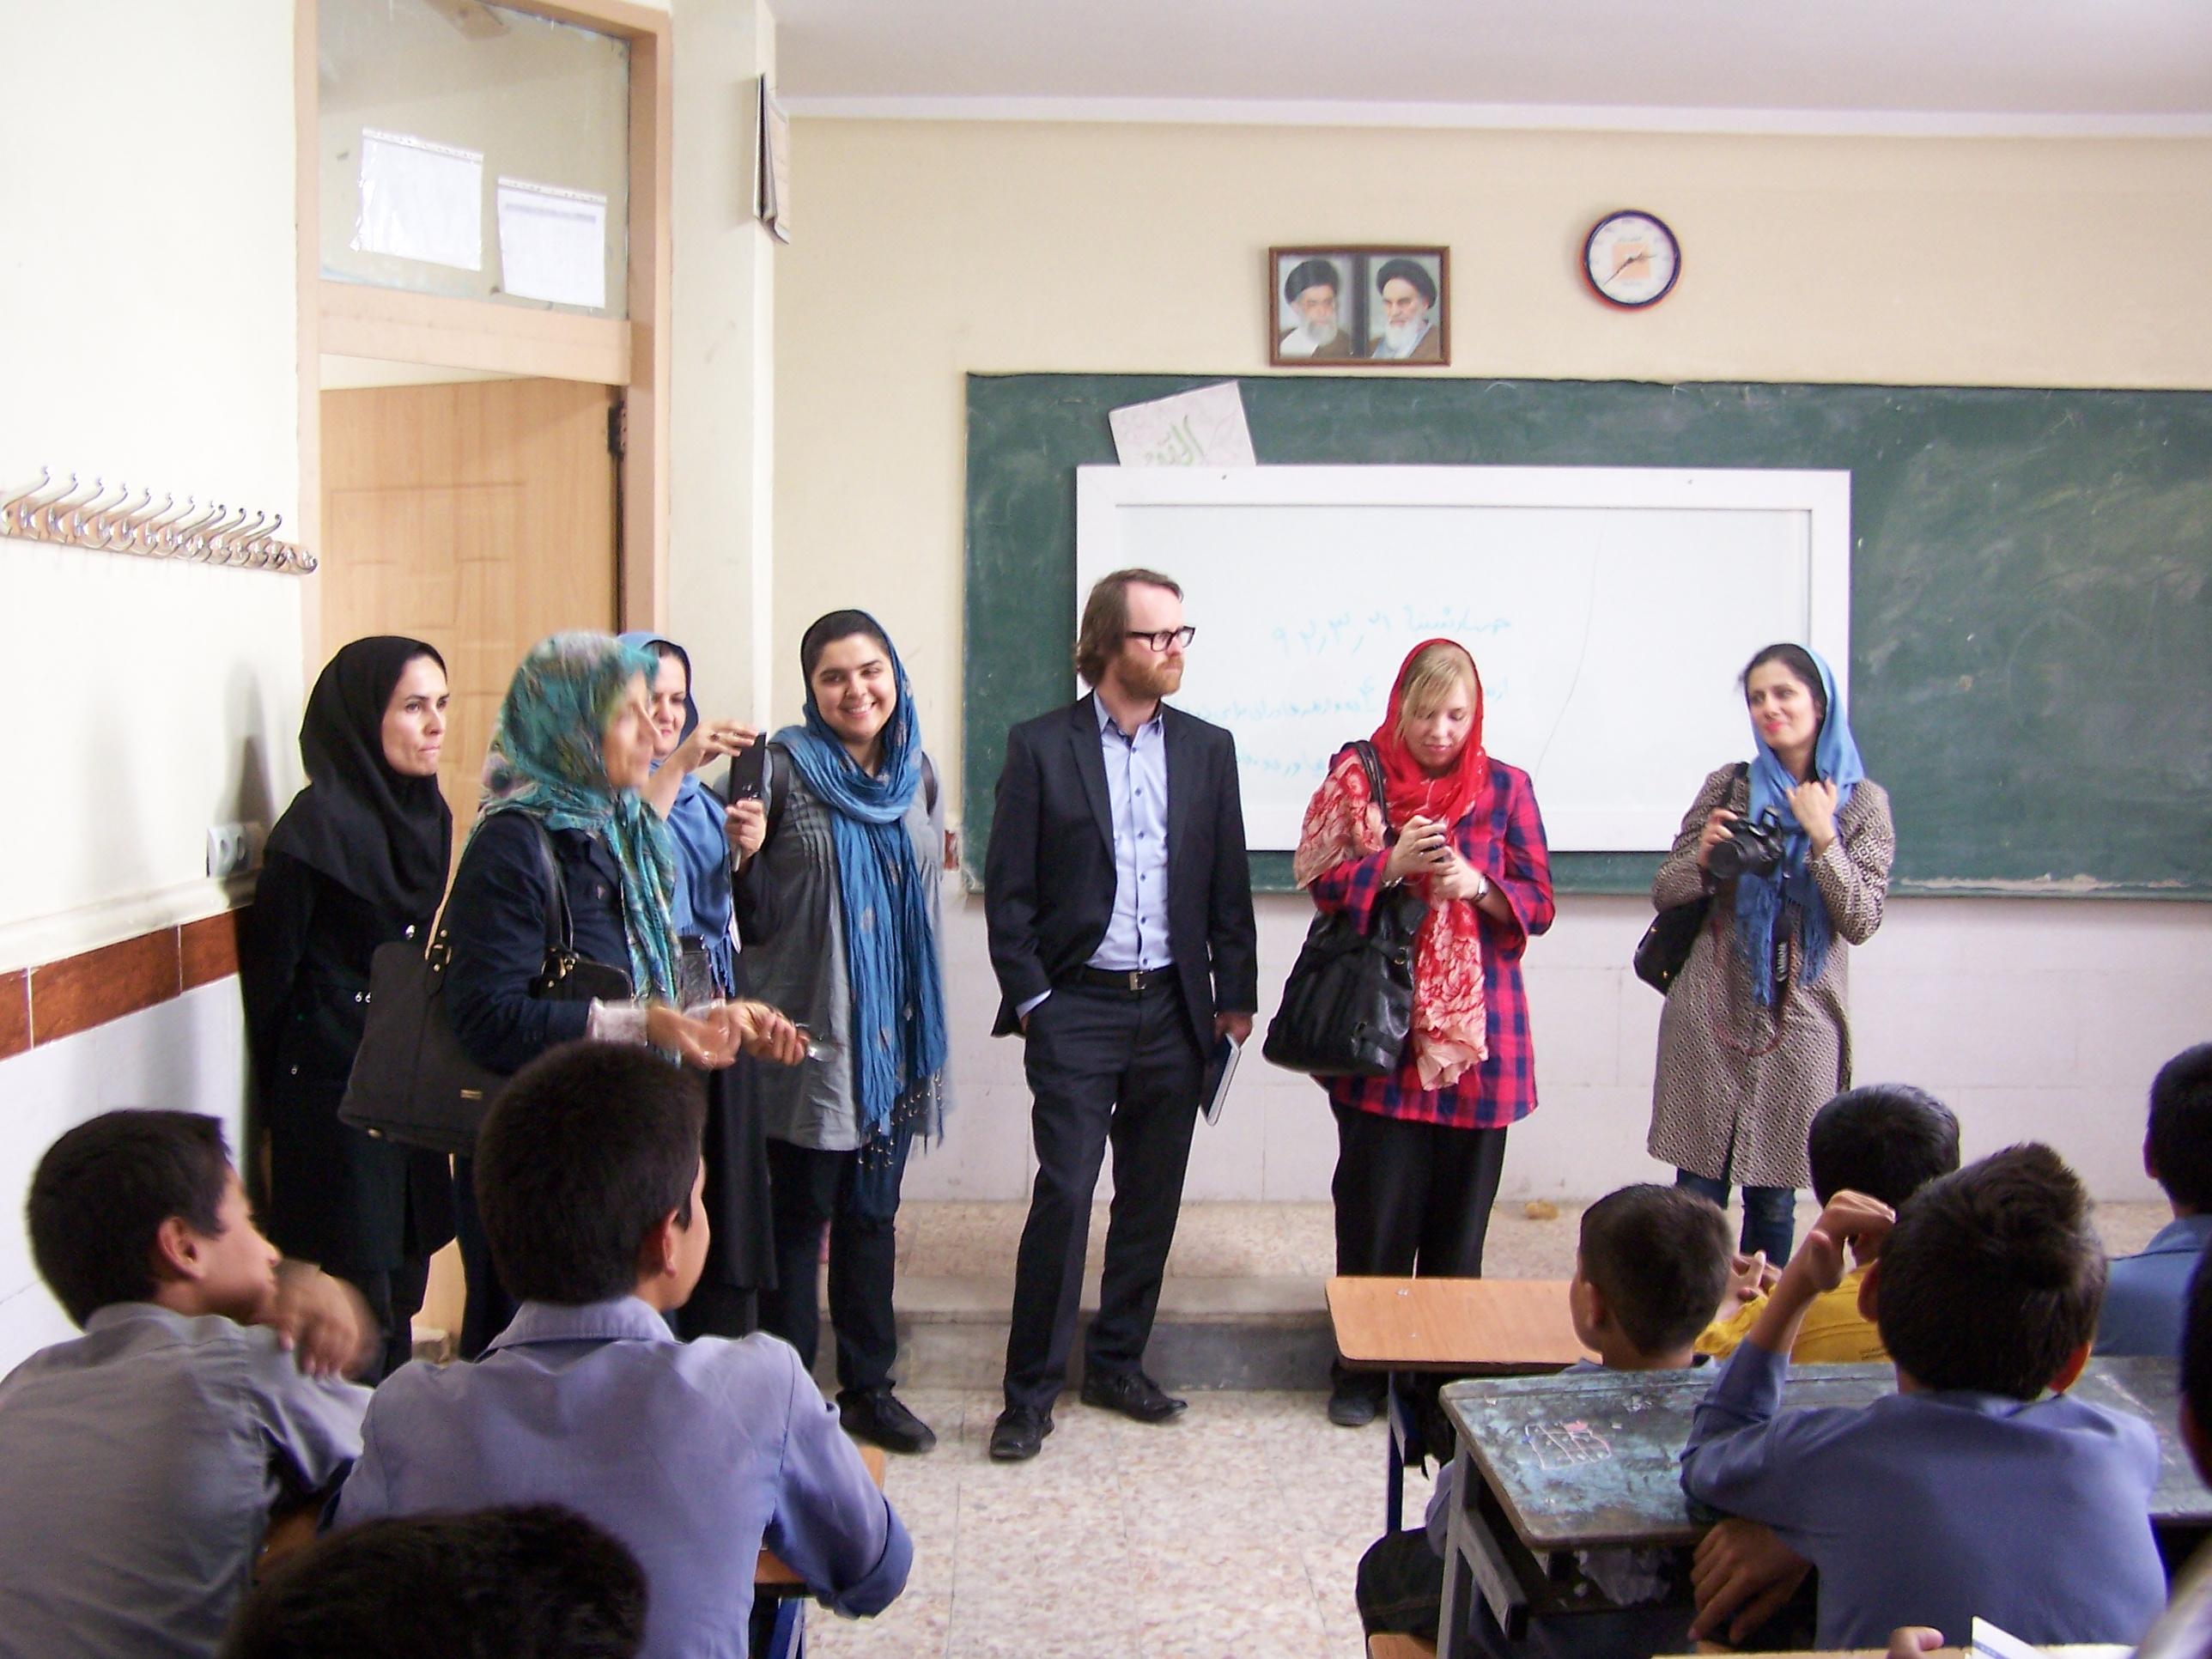 بازدید سازمان های بین المللی از مرکز آموزش پایه شورآباد